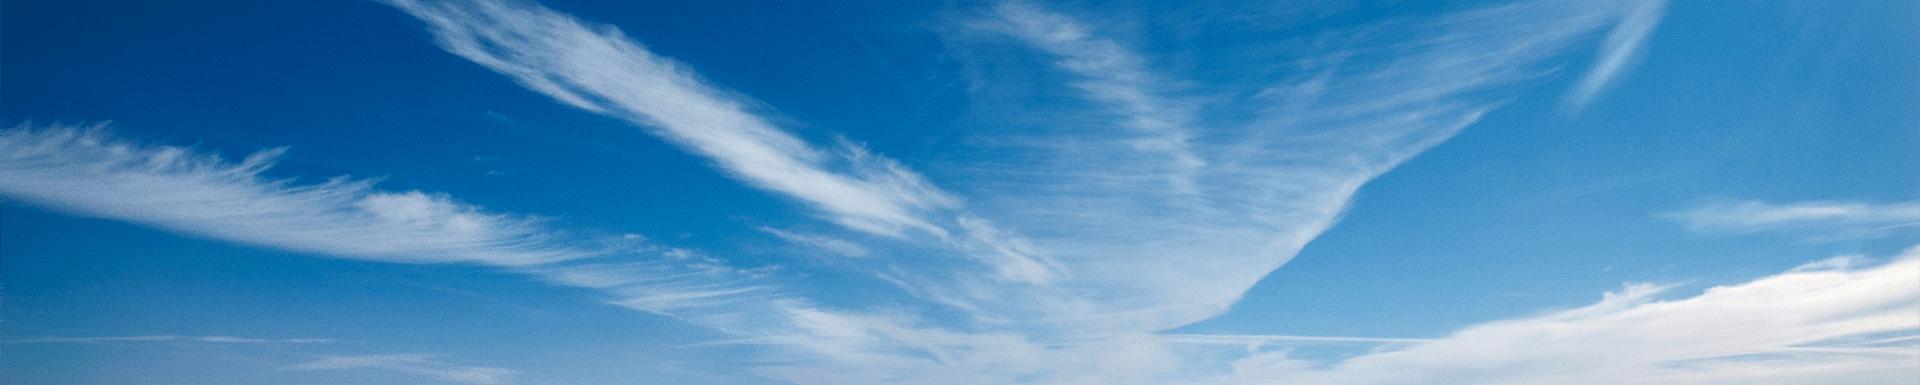 Bechtle Cloud Banner